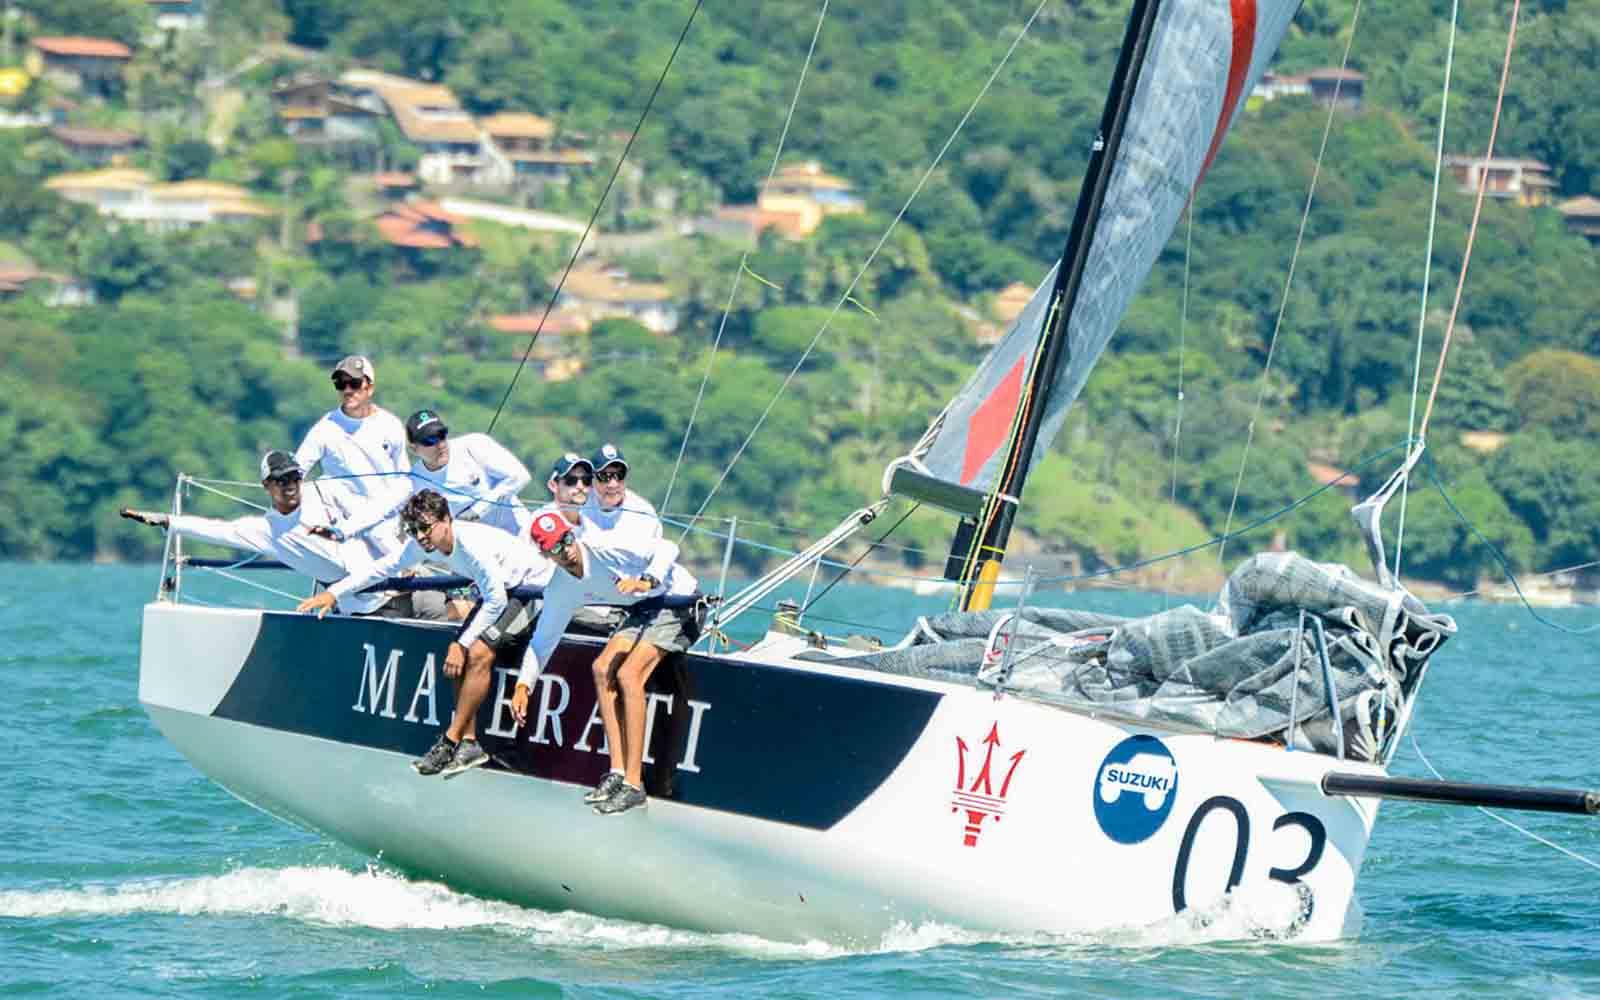 equipe maseratti etapa em ilhabela c30 - boat shopping